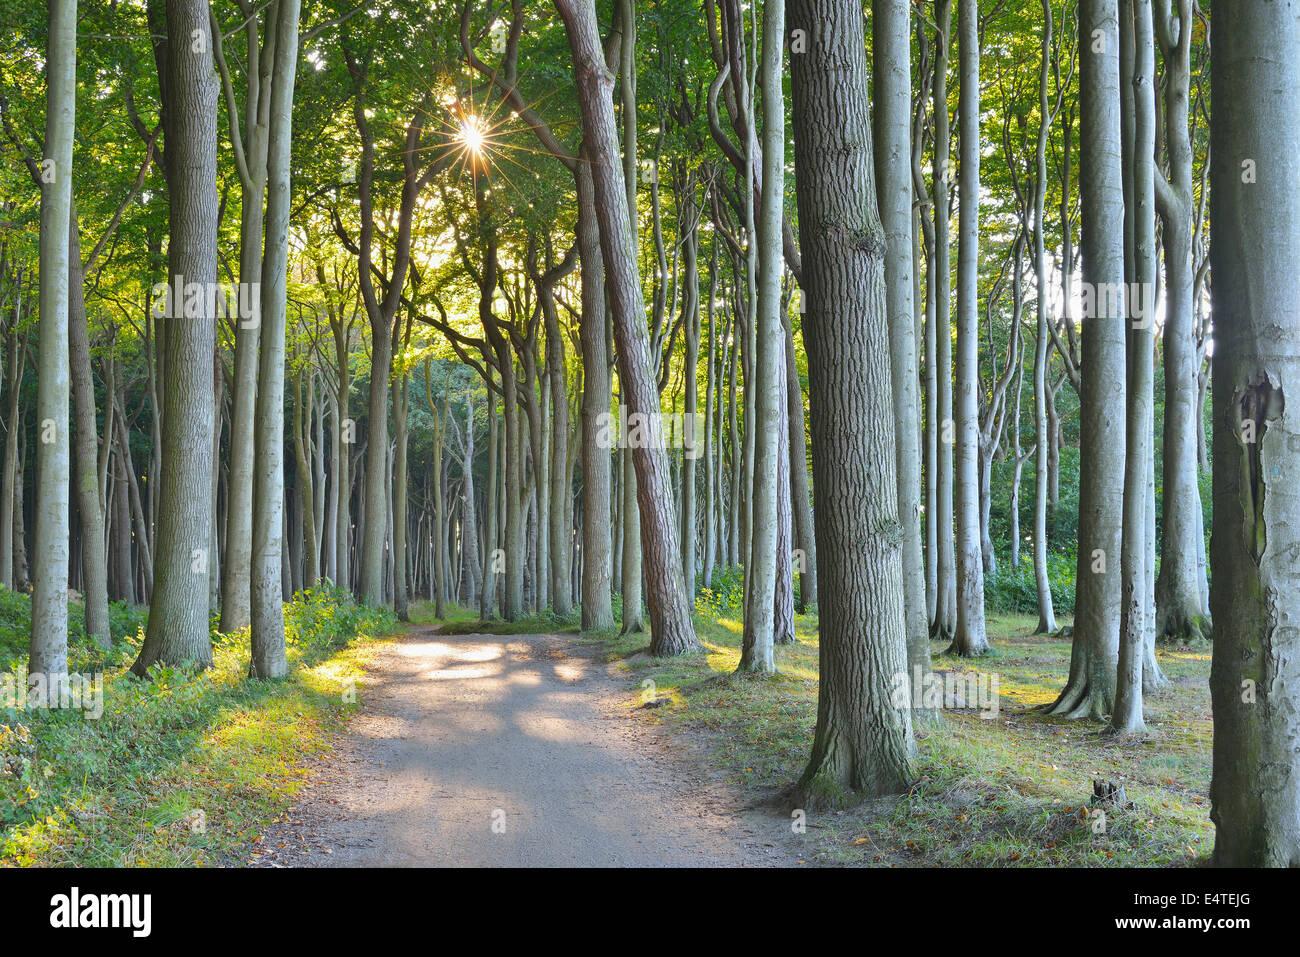 Buche-Küstenwald mit Pfad, Nienhagen, Bad Doberan, Ostsee, Pommern, Westdeutschland Stockfoto